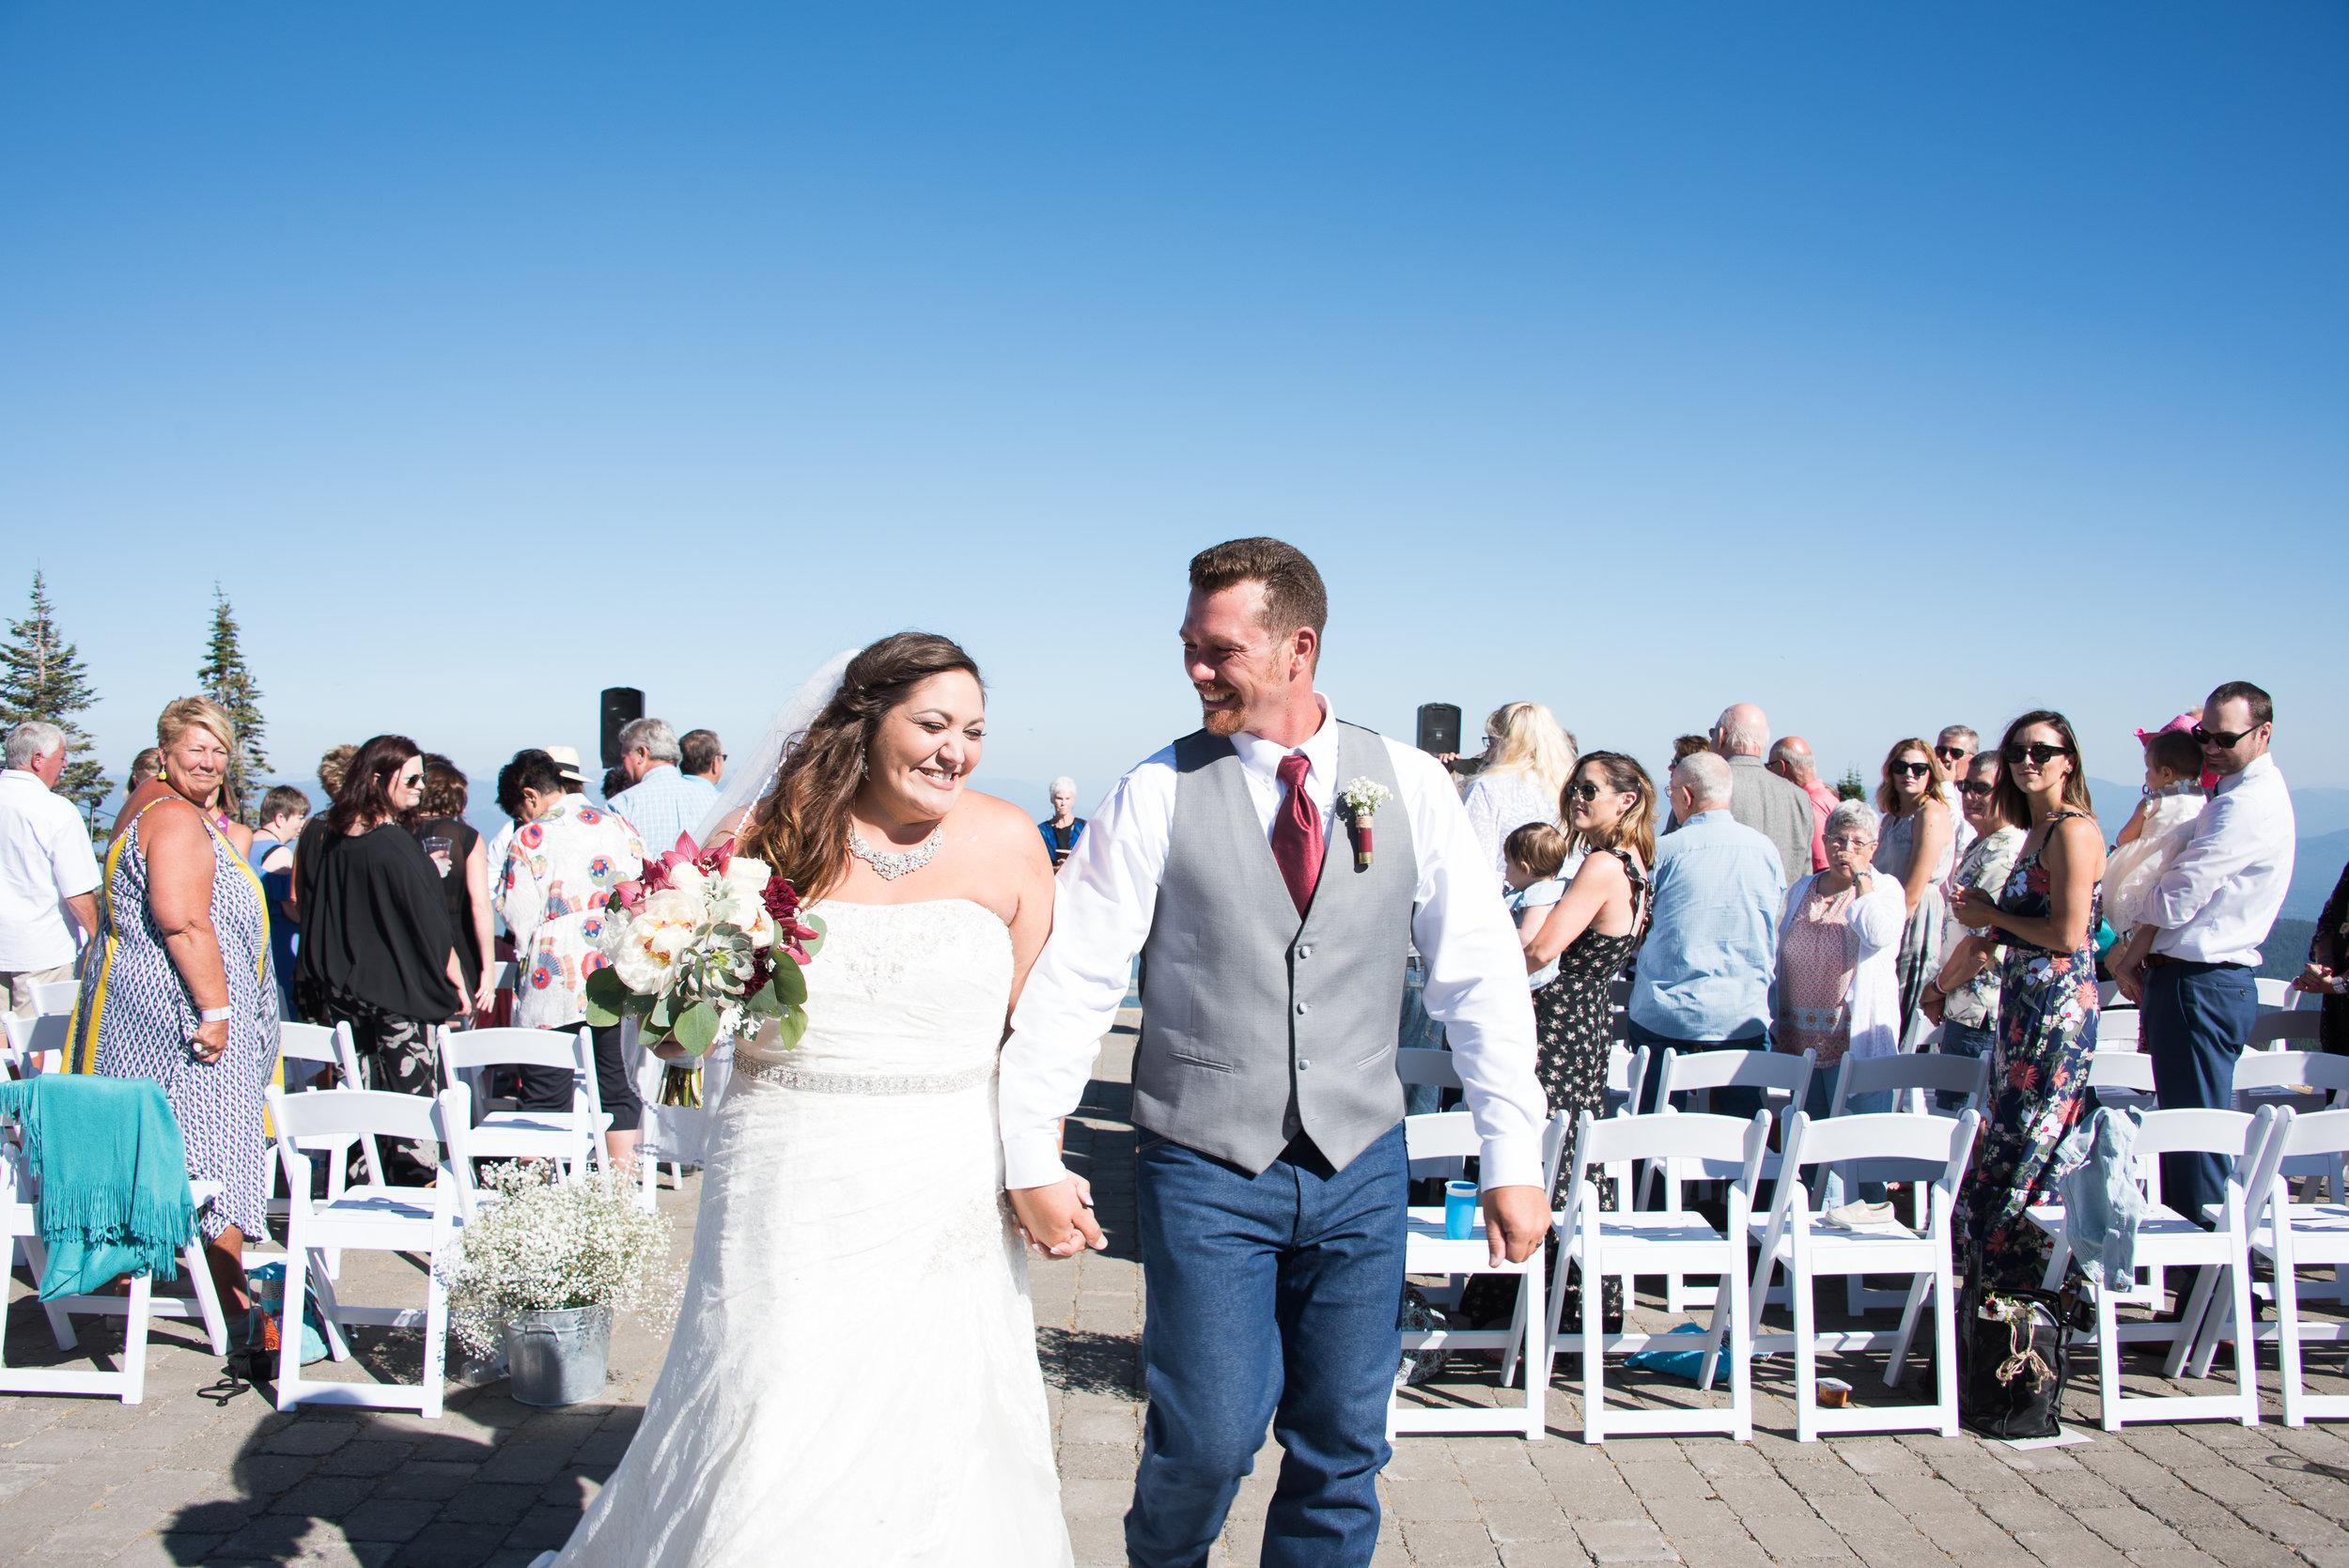 KJ wedding (269 of 447).jpg